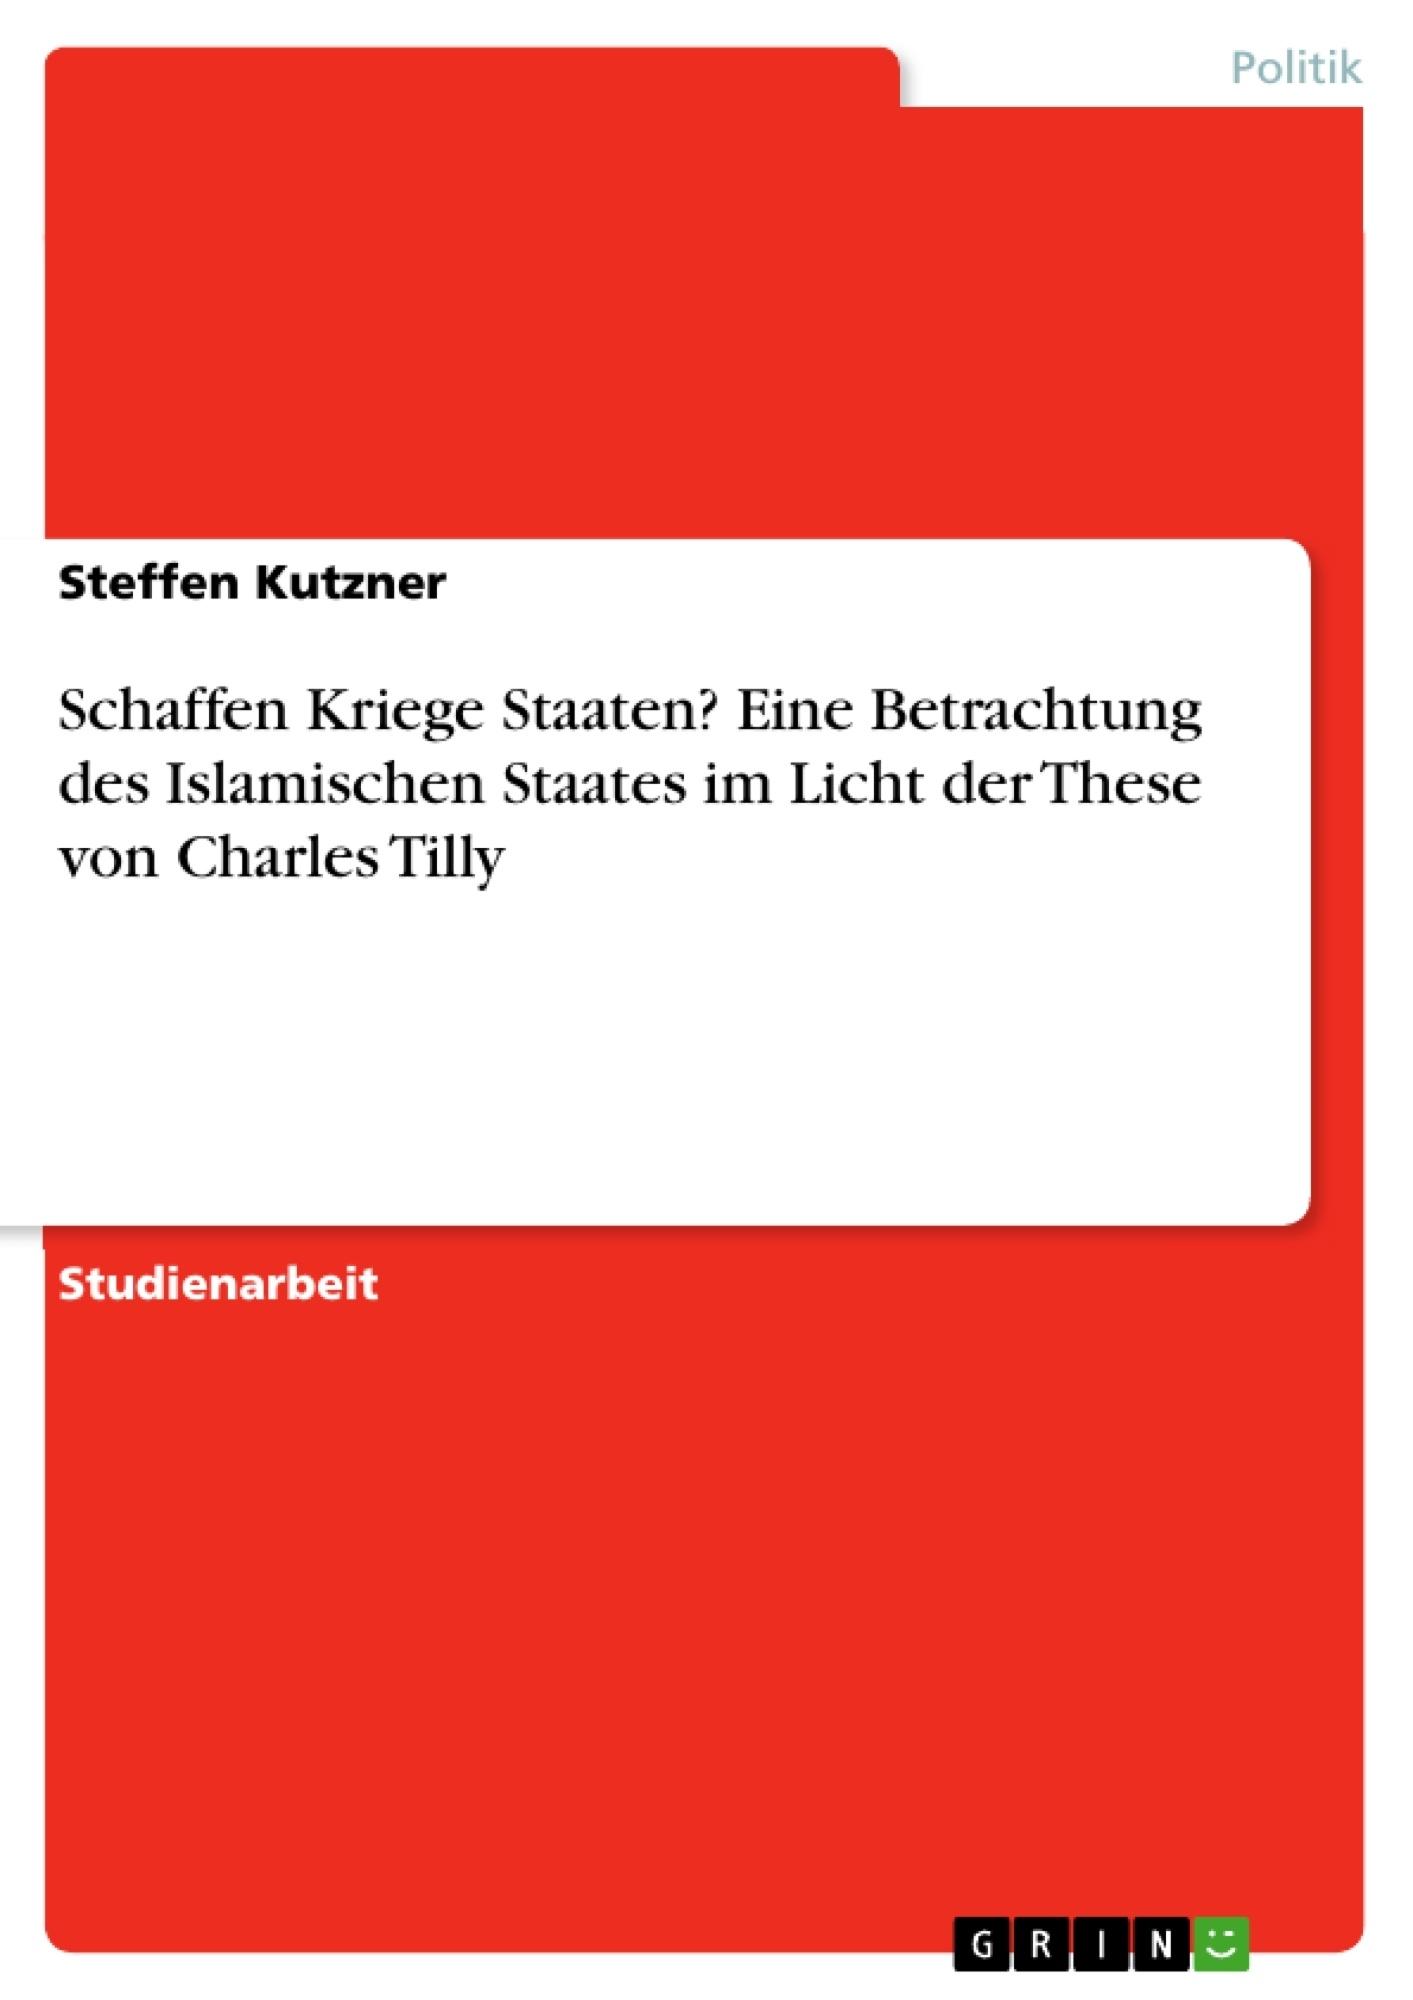 Titel: Schaffen Kriege Staaten? Eine Betrachtung des Islamischen Staates im Licht der These von Charles Tilly